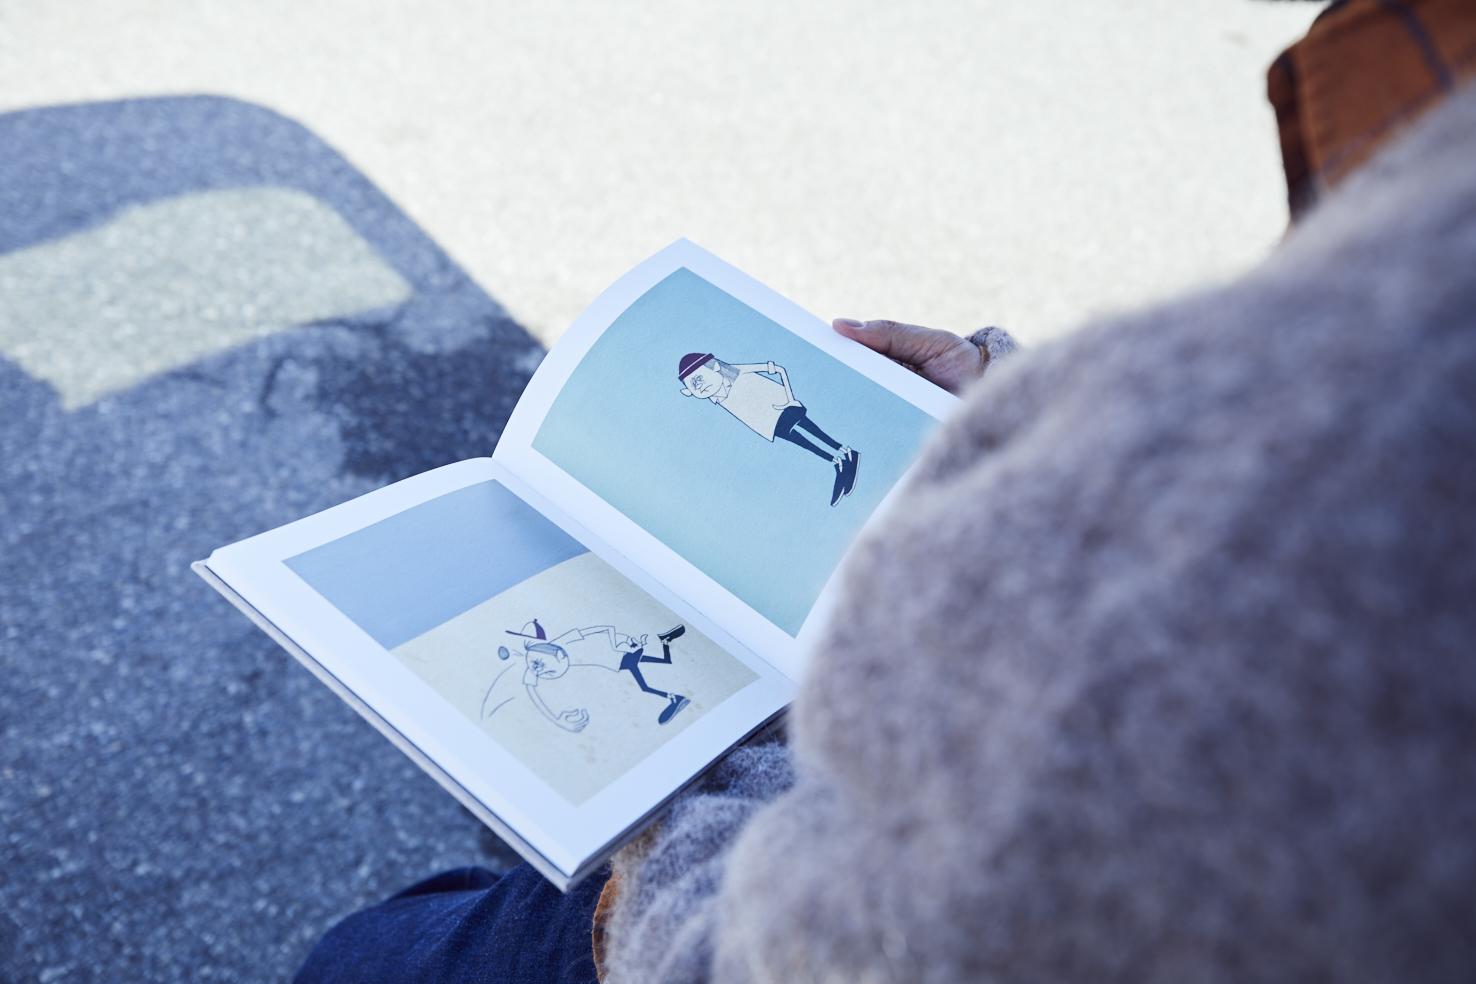 j_1141 ラジオ番組『Jeep® CREATIVE GARAGE』3月のゲストはアーティスト・花井祐介さん。